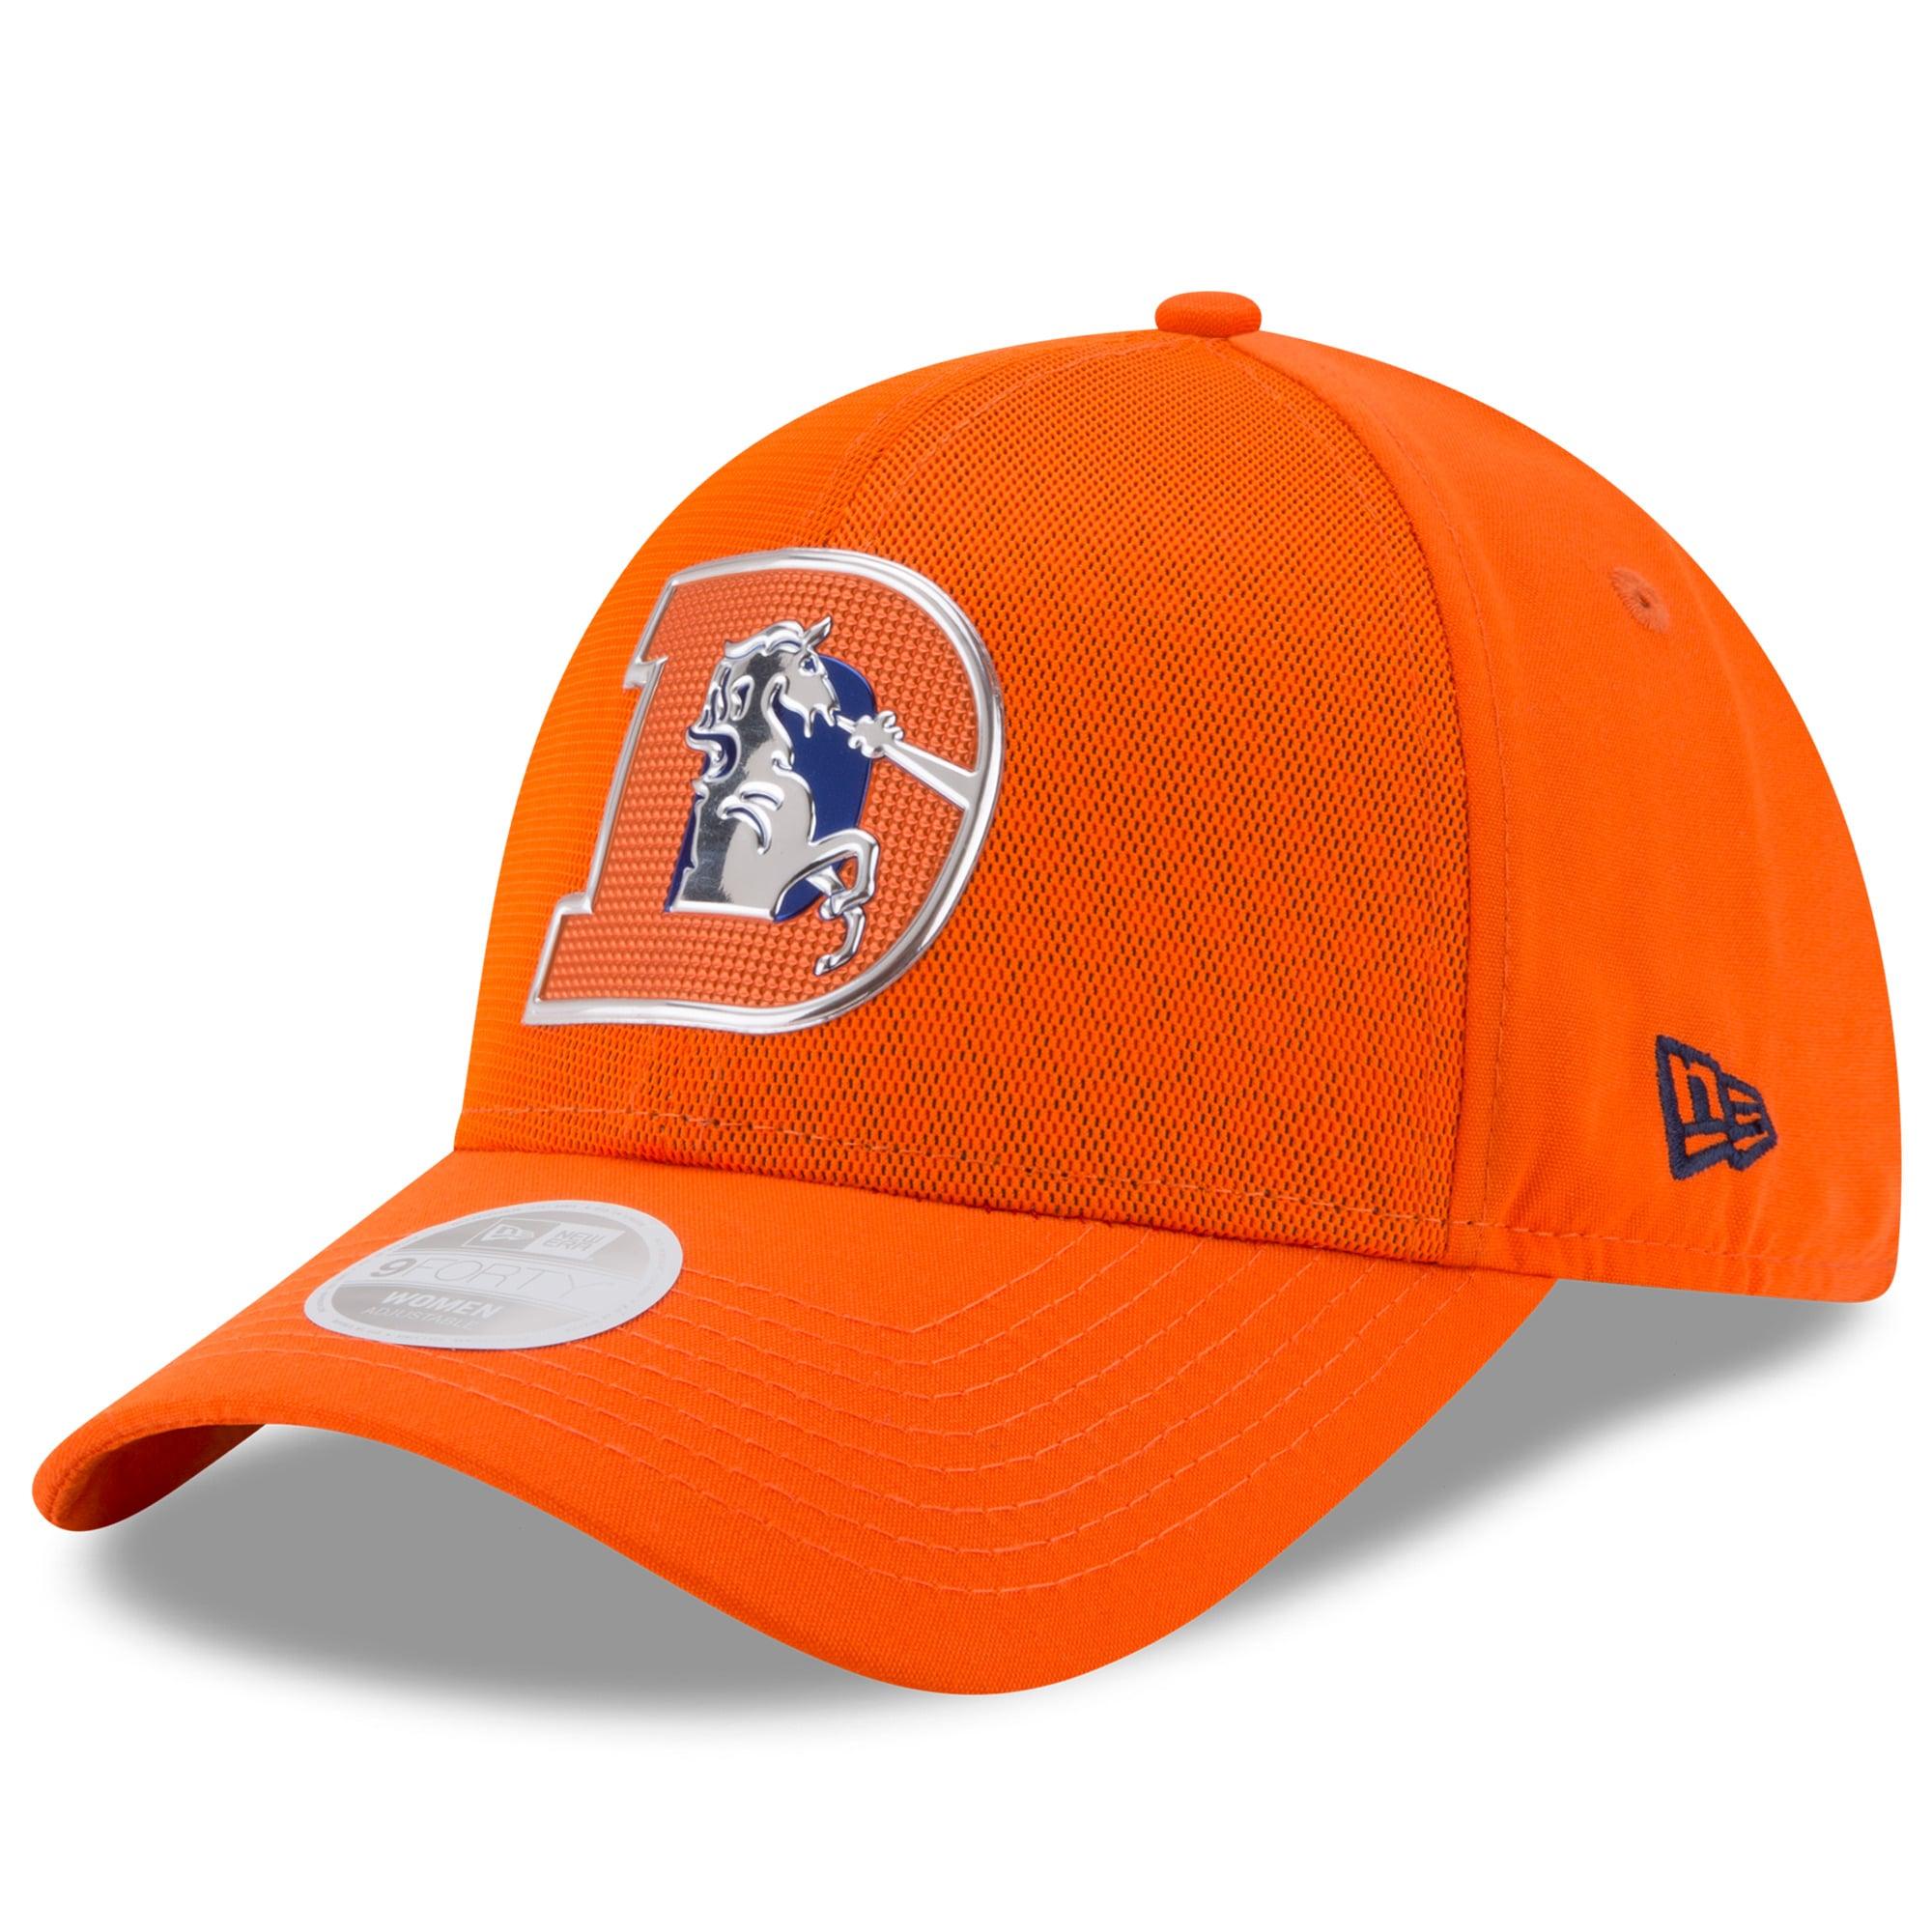 Denver Broncos New Era Women's 2017 Color Rush 9FORTY Adjustable Hat - Orange